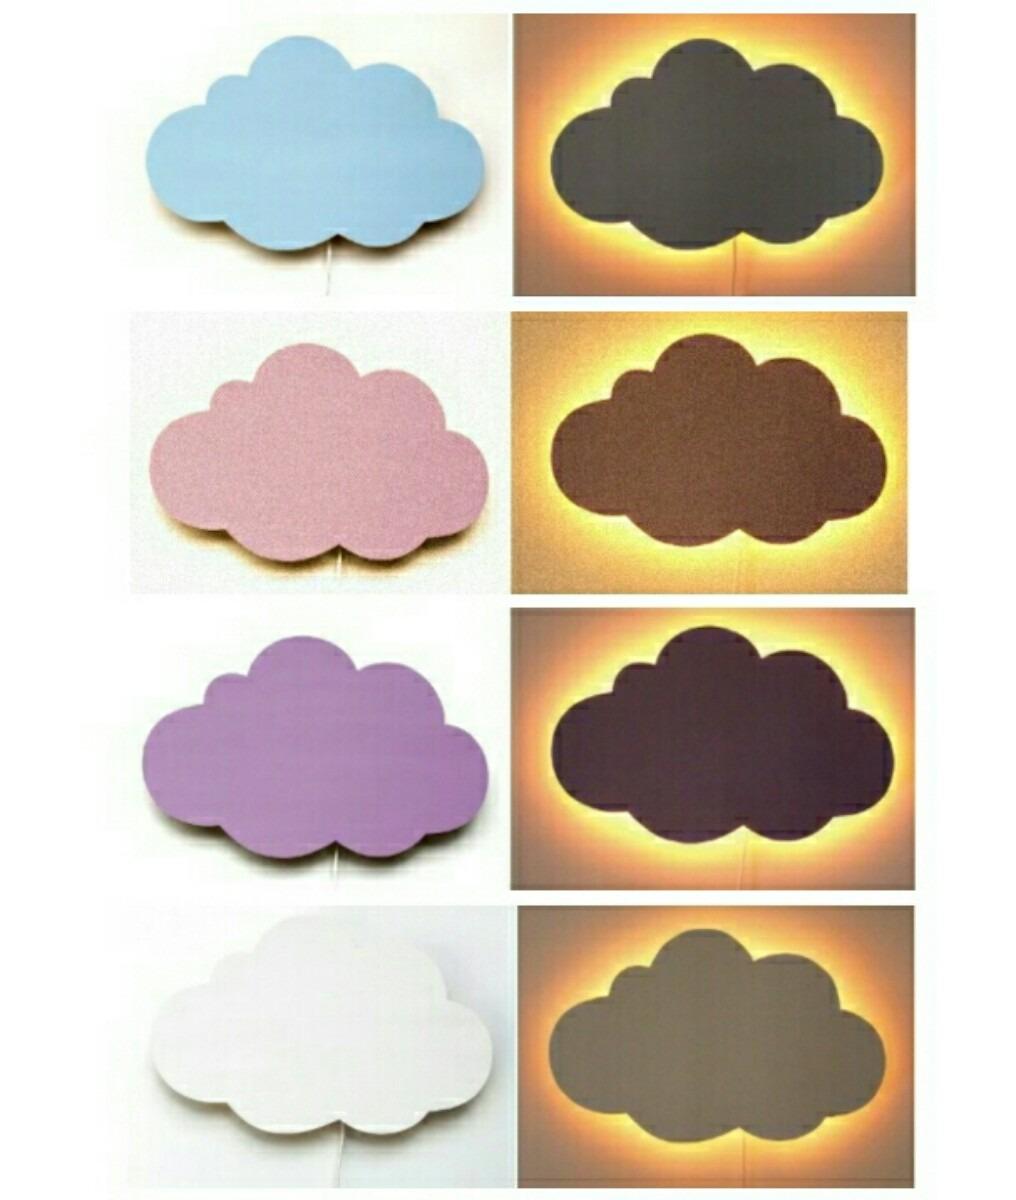 Lumin Ria Nuvem Led Kit Com 3 A Bateria R 360 00 Em Mercado Livre ~ Luminaria A Pilha Para Quarto E Pintura De Quarto De Bebê